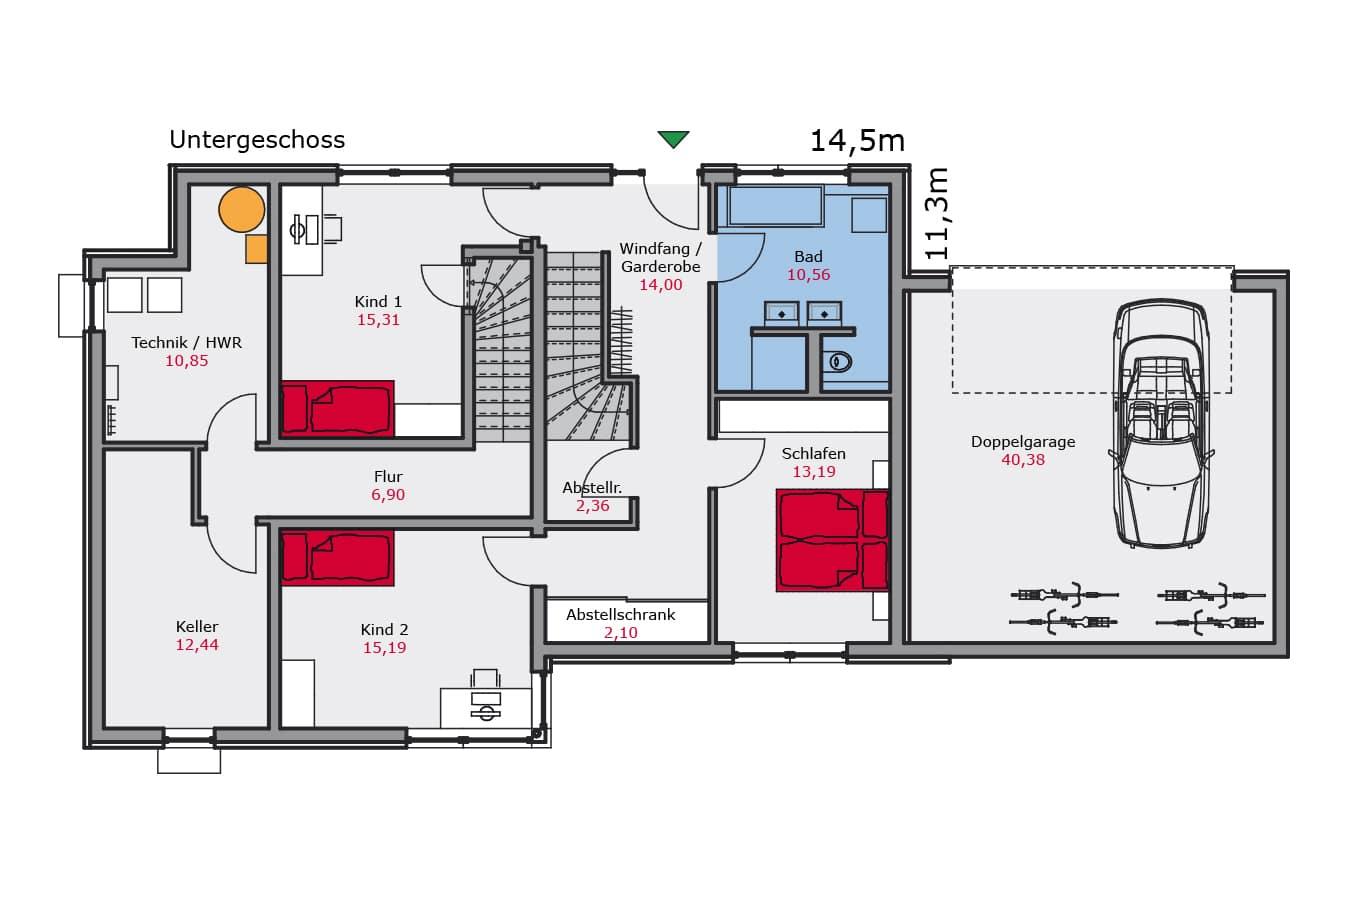 Haus142_Grundriss_Untergeschoss_Zweifamilienhaus